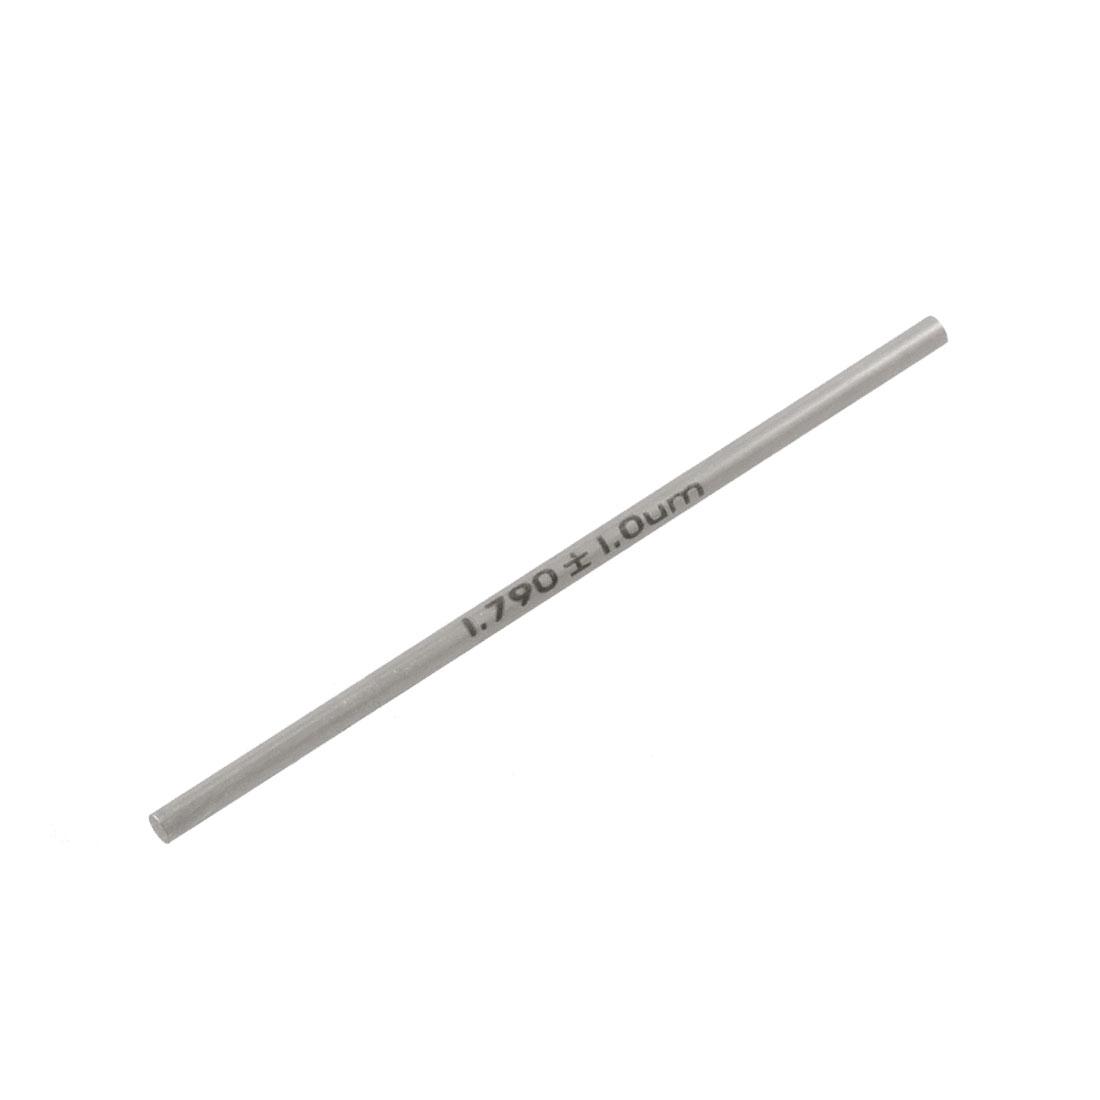 Tungsten Carbide 1.79mm Diameter Plug Pin Gage Gauge w Storage Box